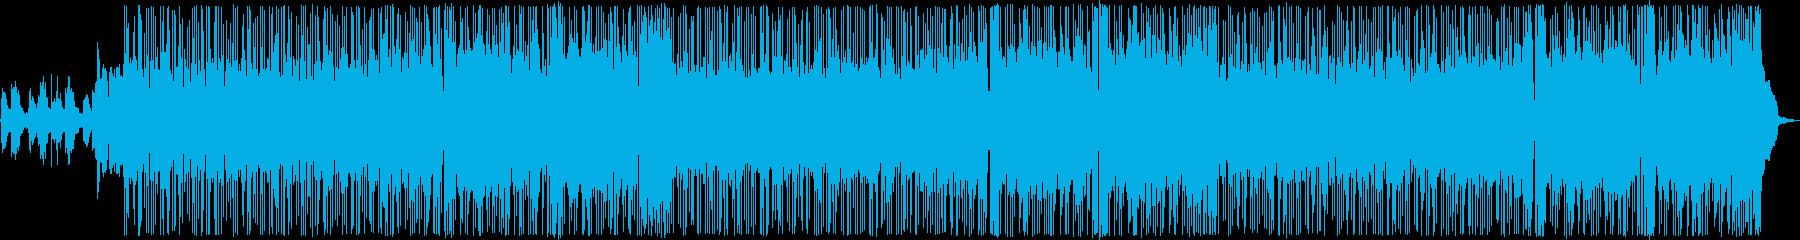 おしゃれポップバラードの再生済みの波形